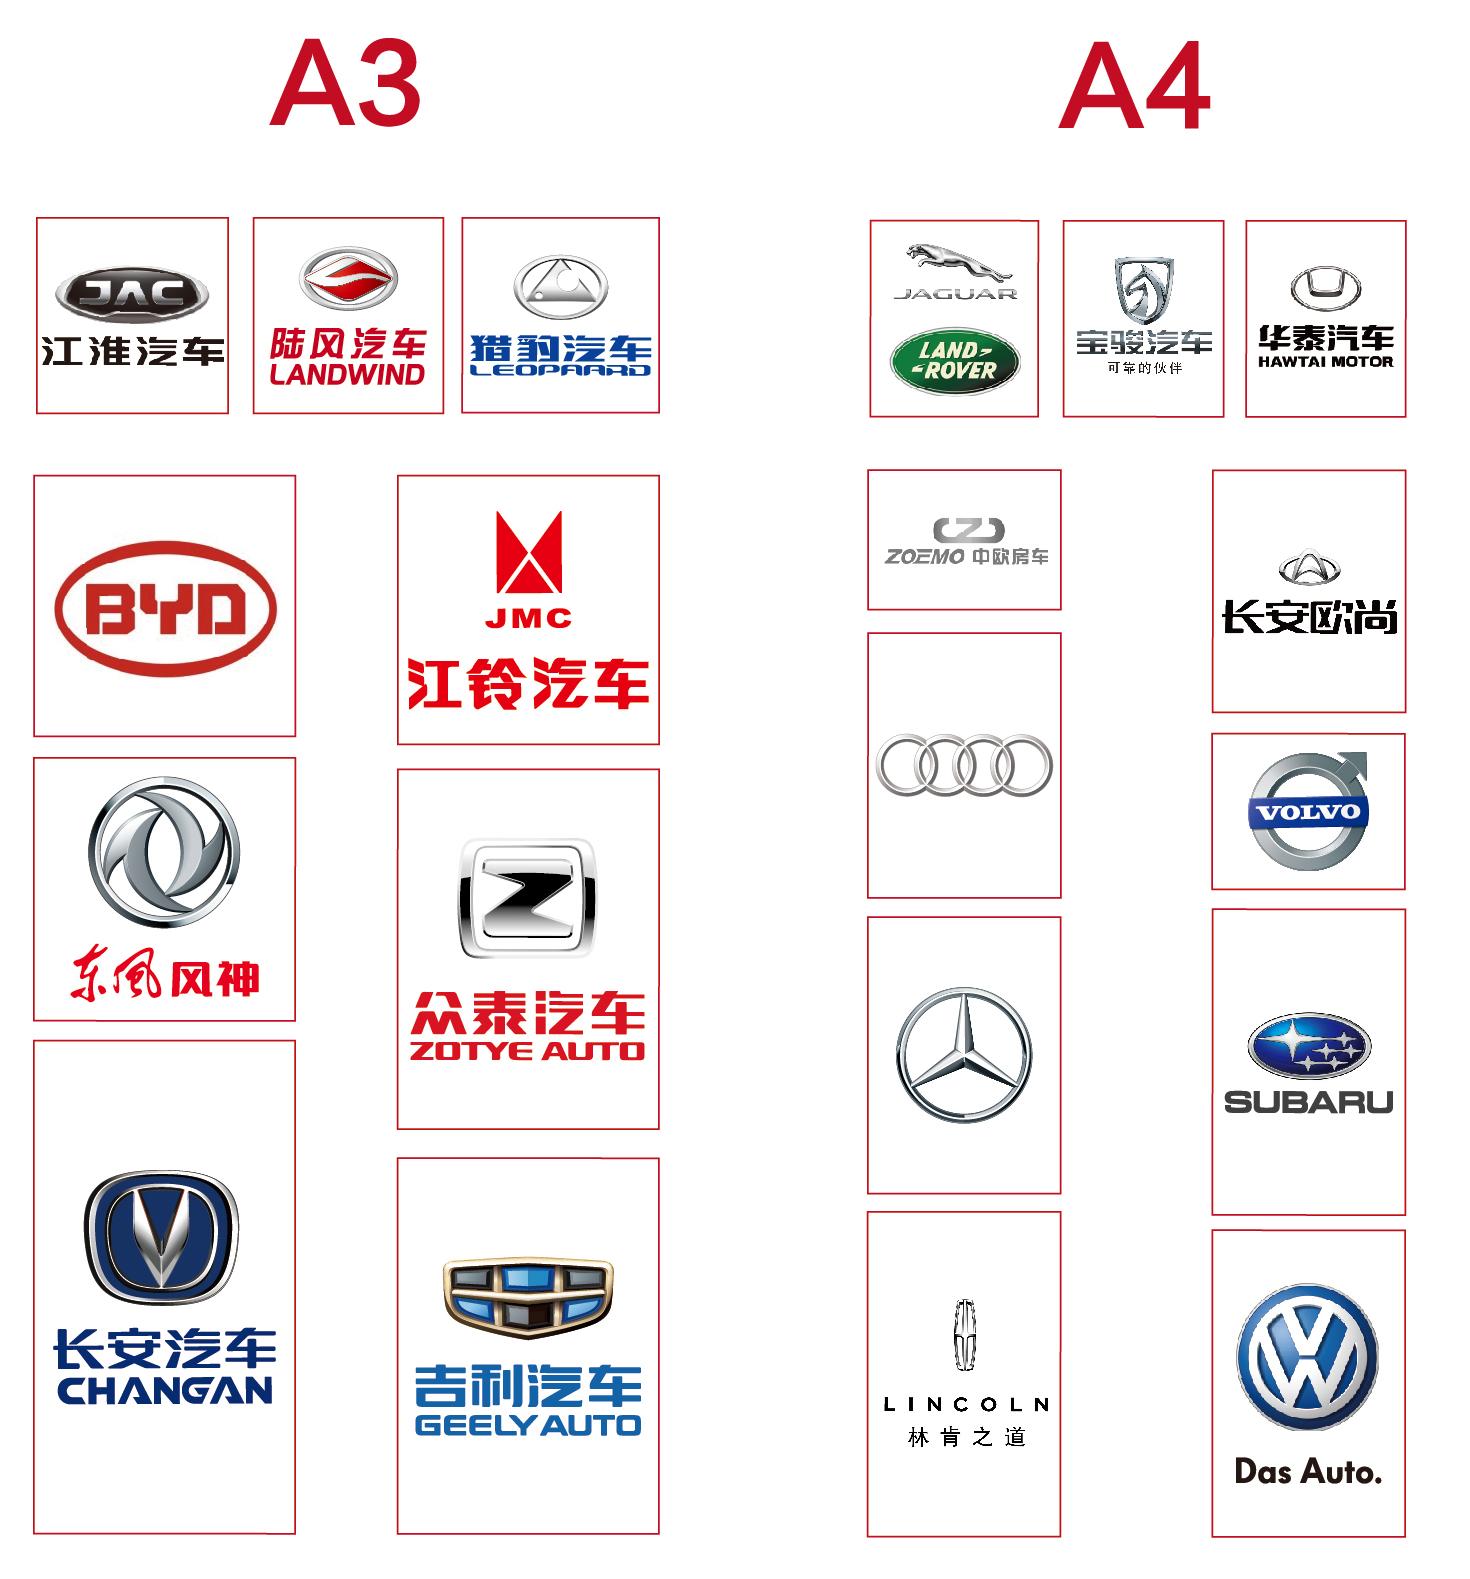 华中国际车展展位图大曝光! 武汉车展展位图新鲜出炉!